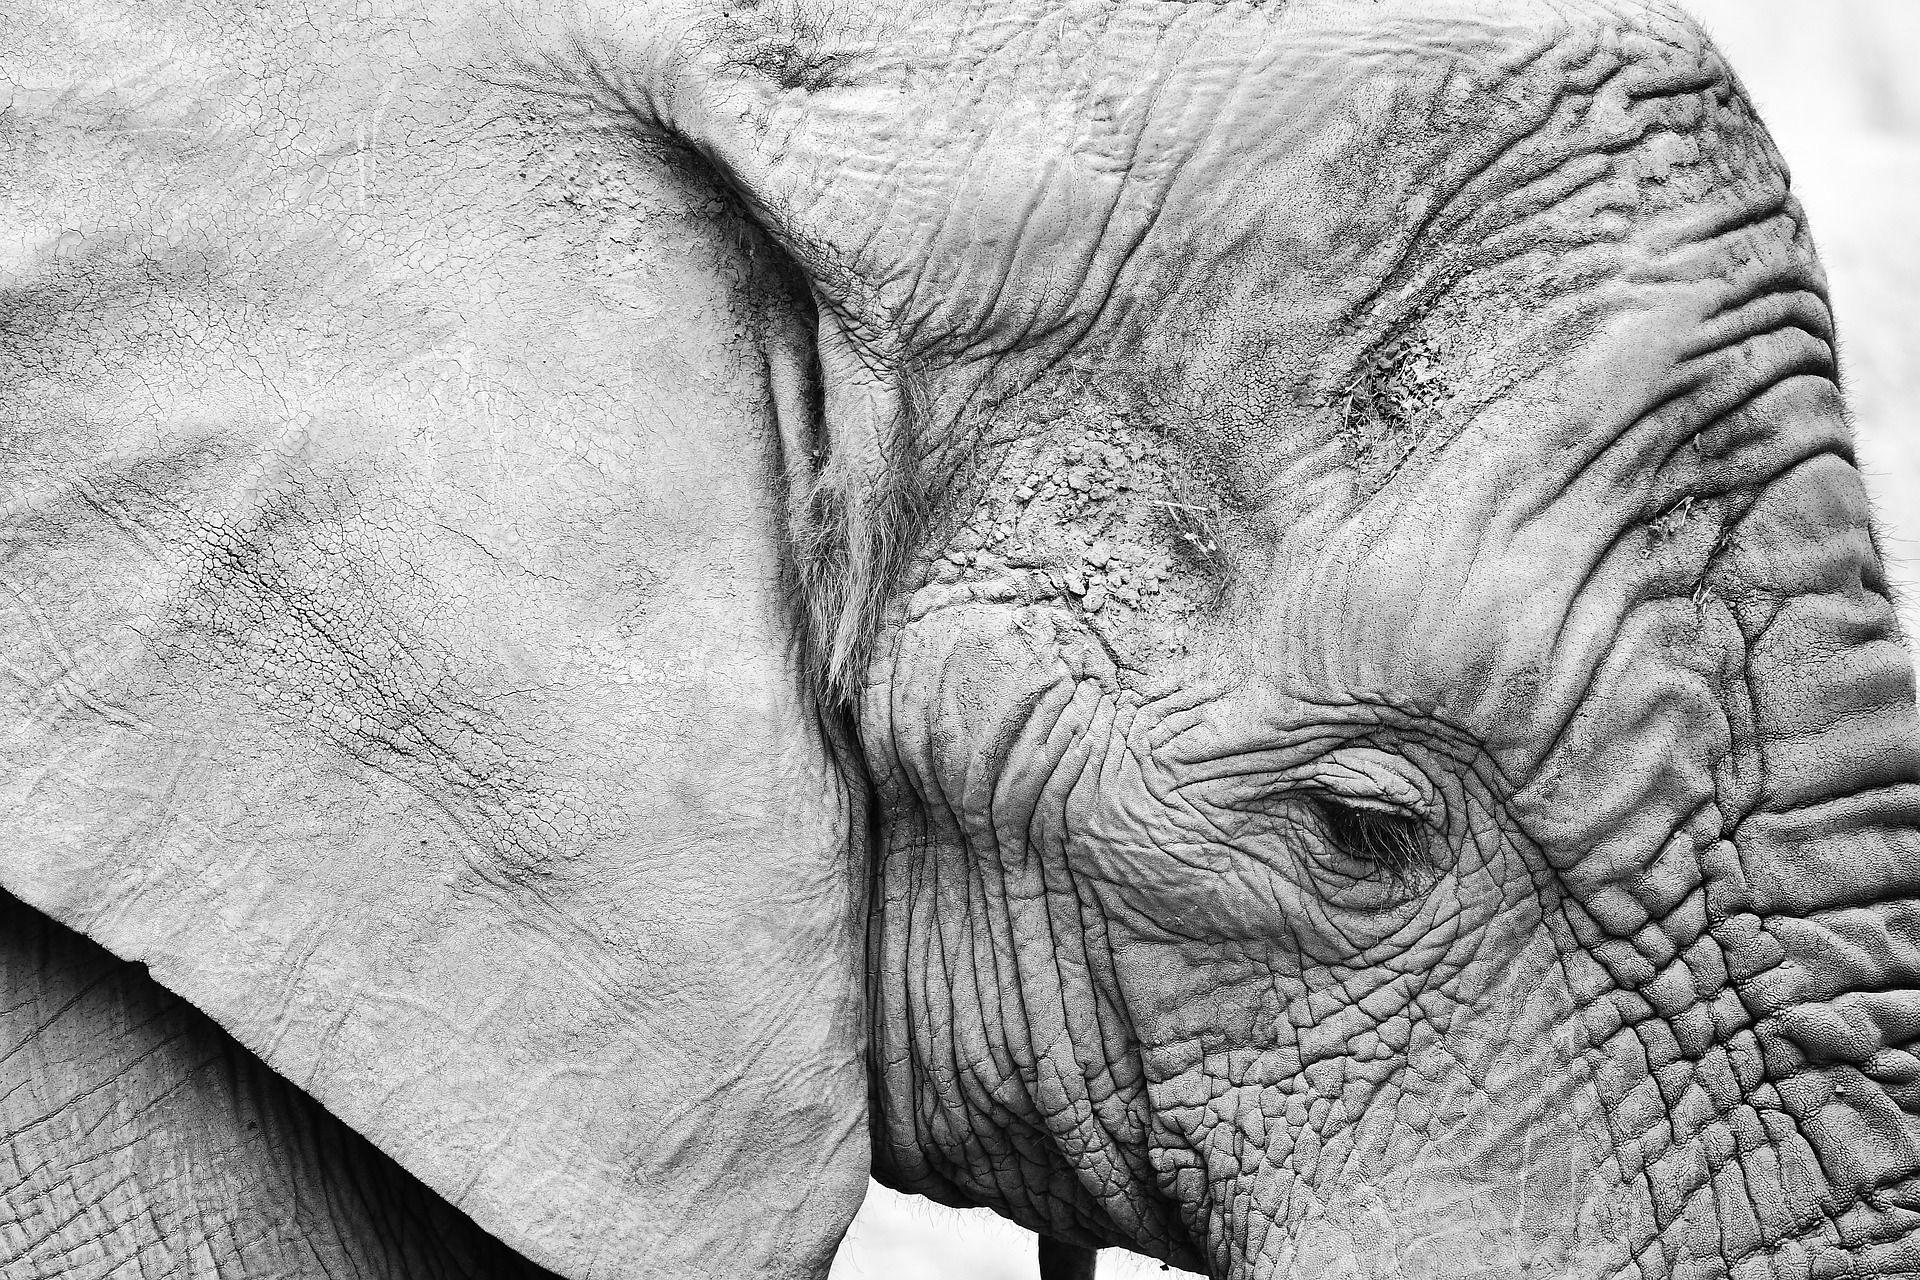 Смотреть интересную картинку маленького белого слоненка